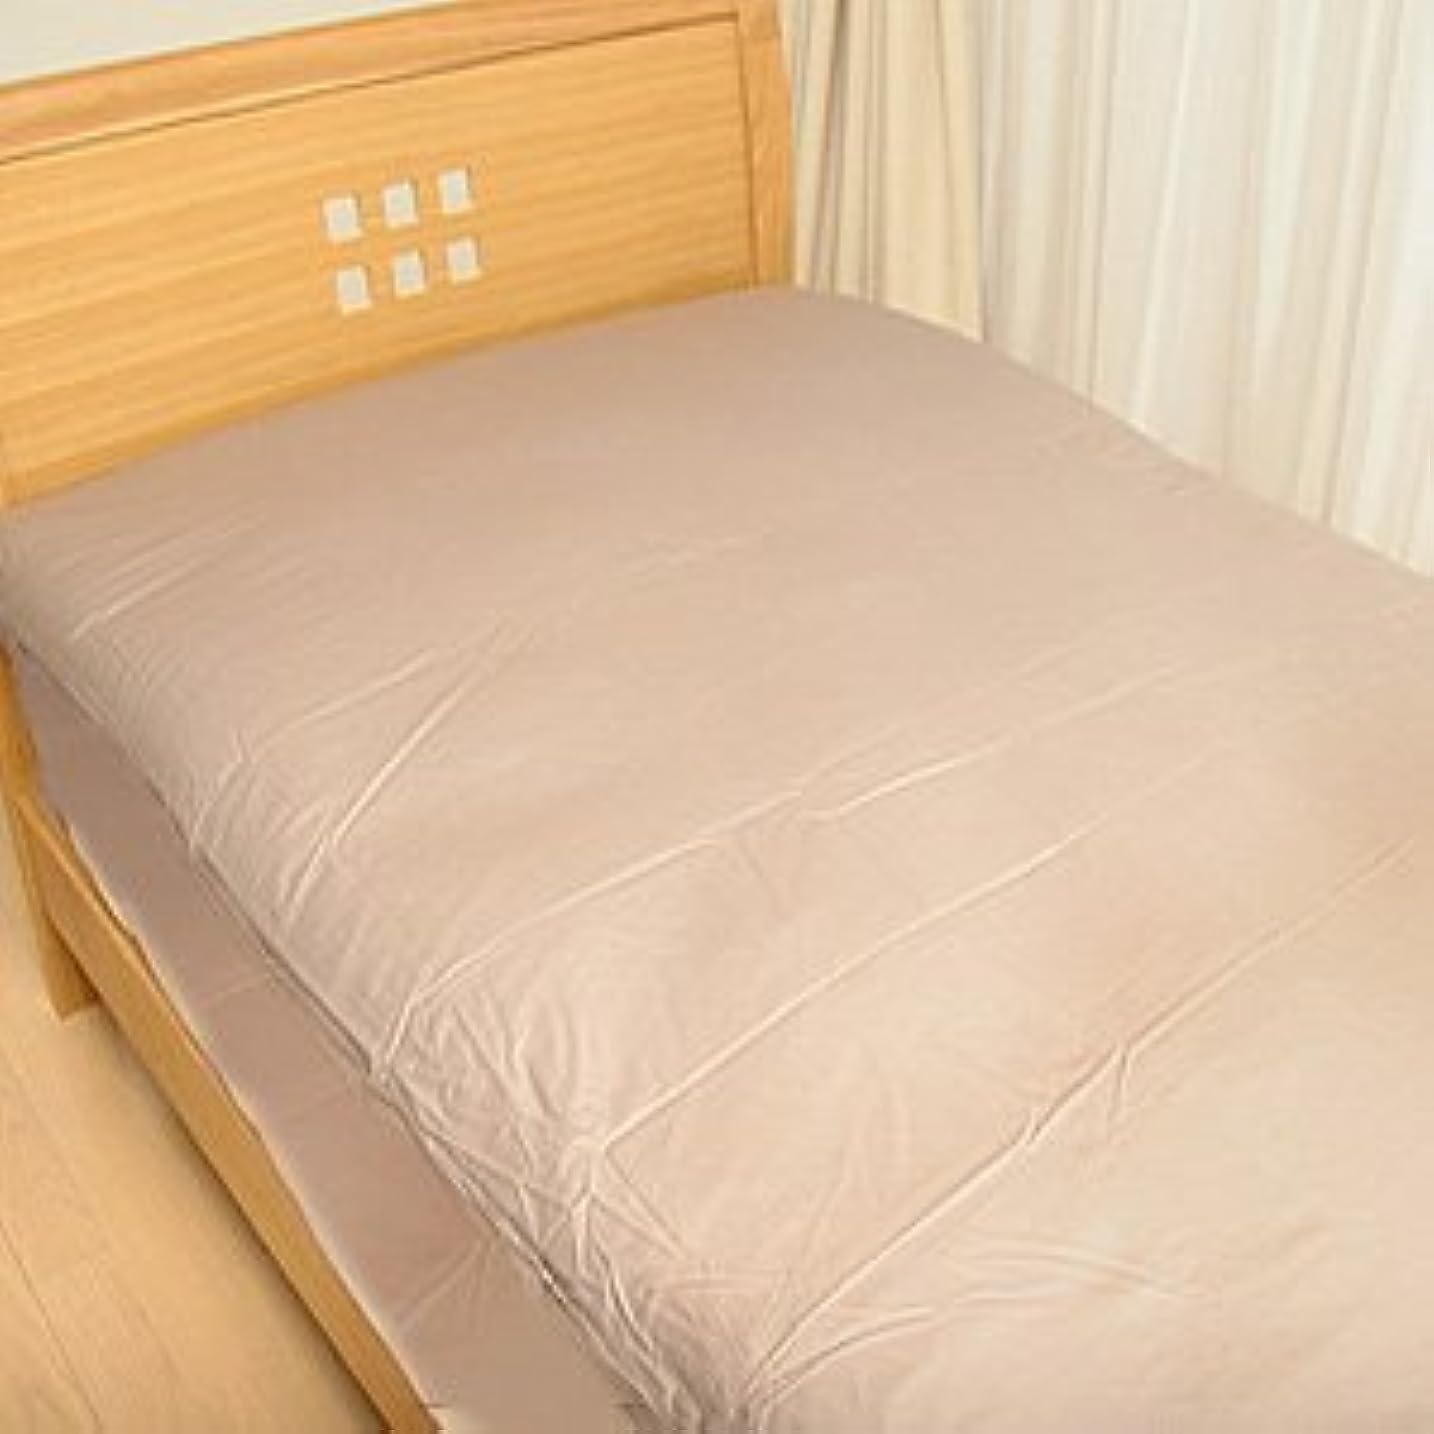 ゆりかご物質前書きアレルガード カバーリング 防ダニ ベッド用ボックスシーツ ダブルサイズ* (アイボリー)